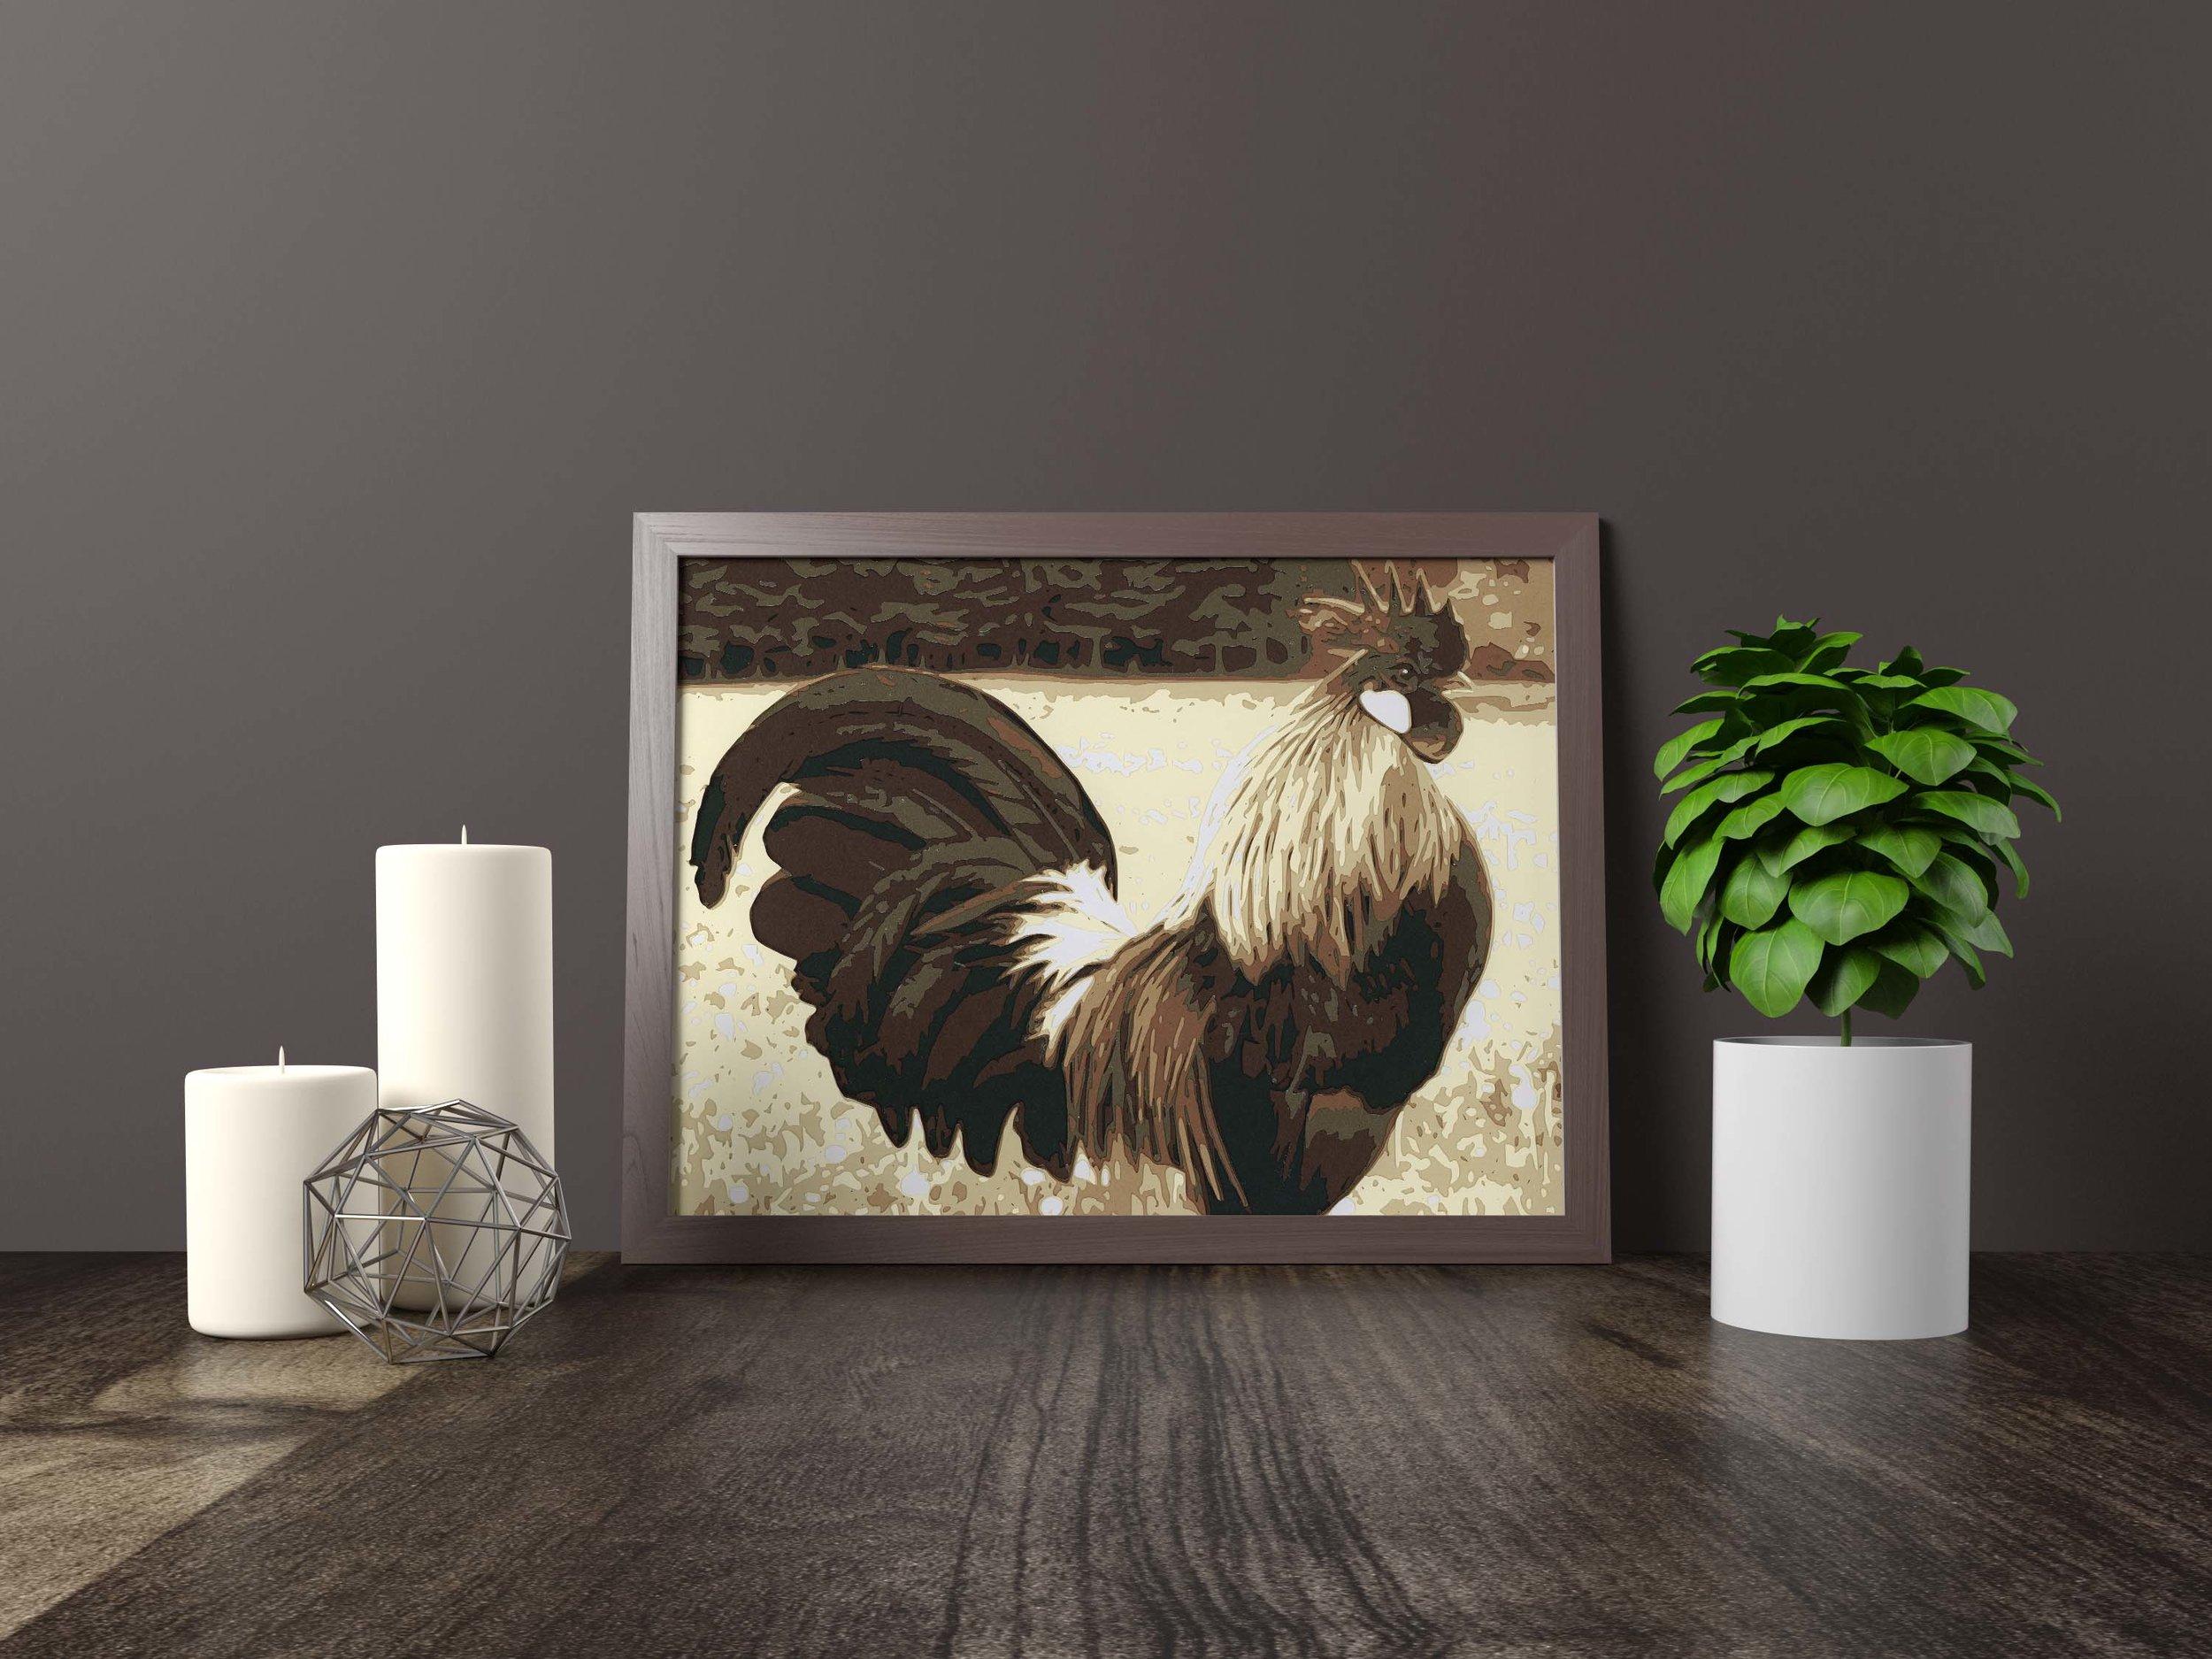 rooster - Original Artwork *FOR SALE* 11